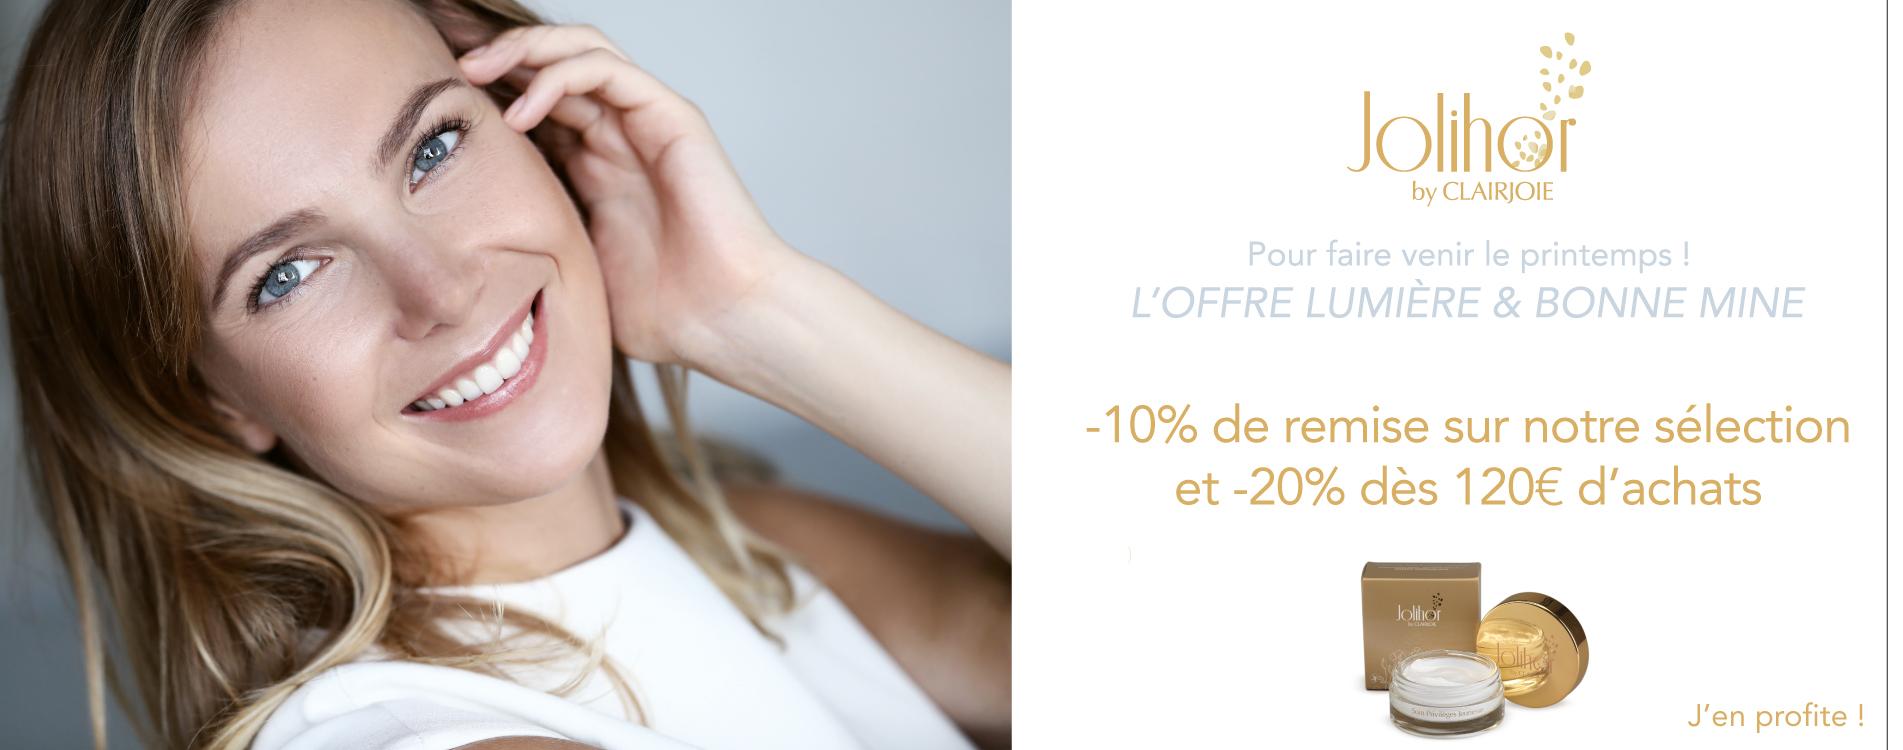 -20% pour illuminer le teint